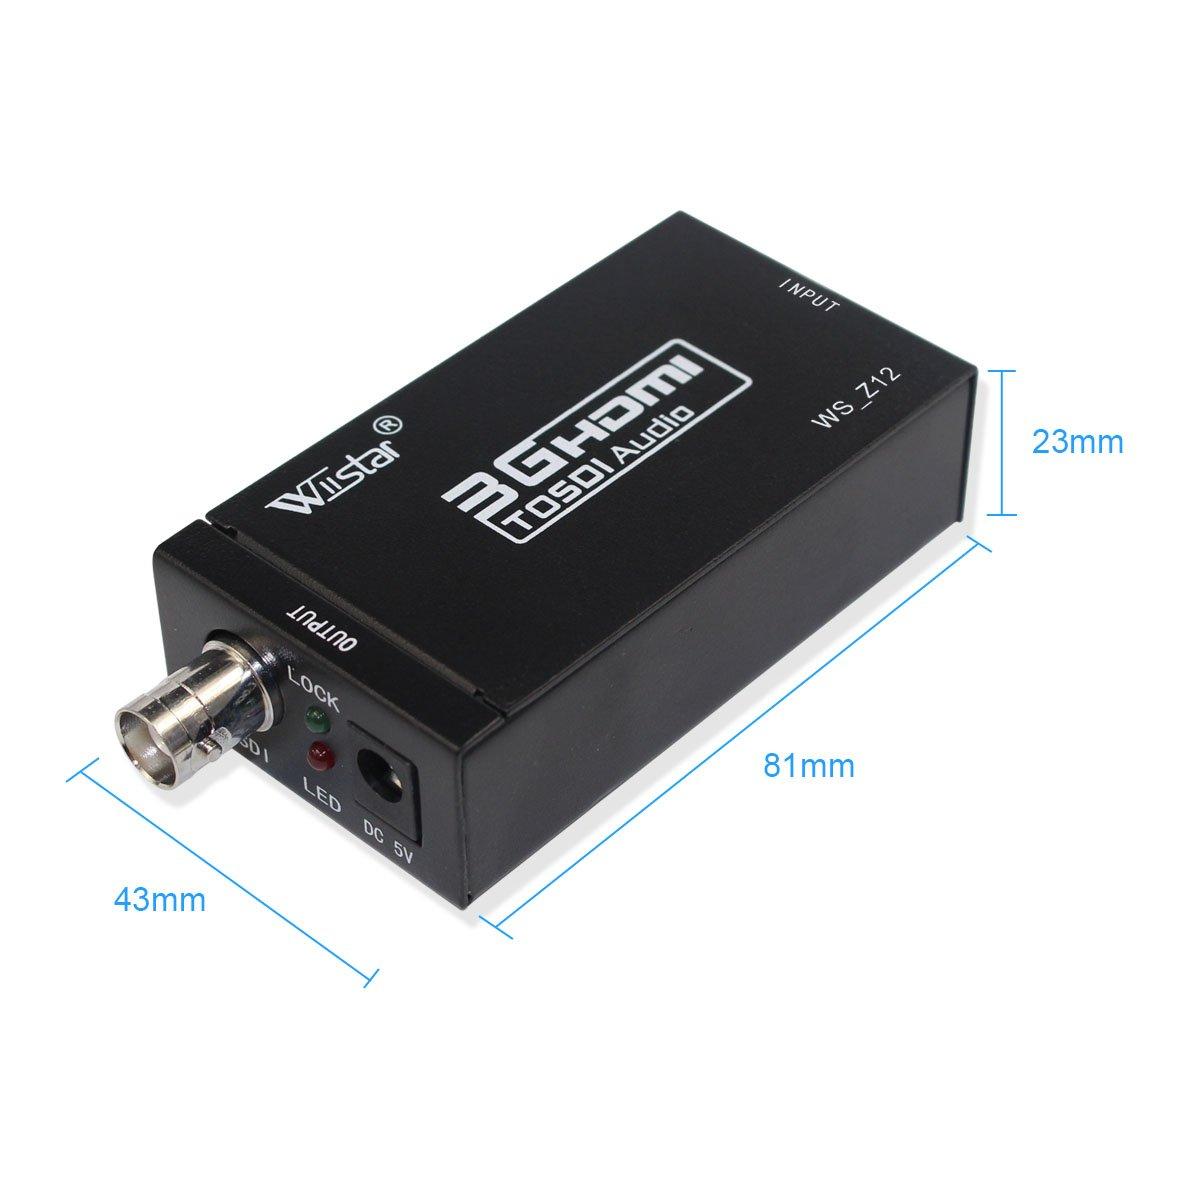 Mini HDMI to SDI Audio Video Converter BNC 3G-SDI SD-SDI HD-SDI Adapter Support 720P 1080P for Camera Home Theater Monitora